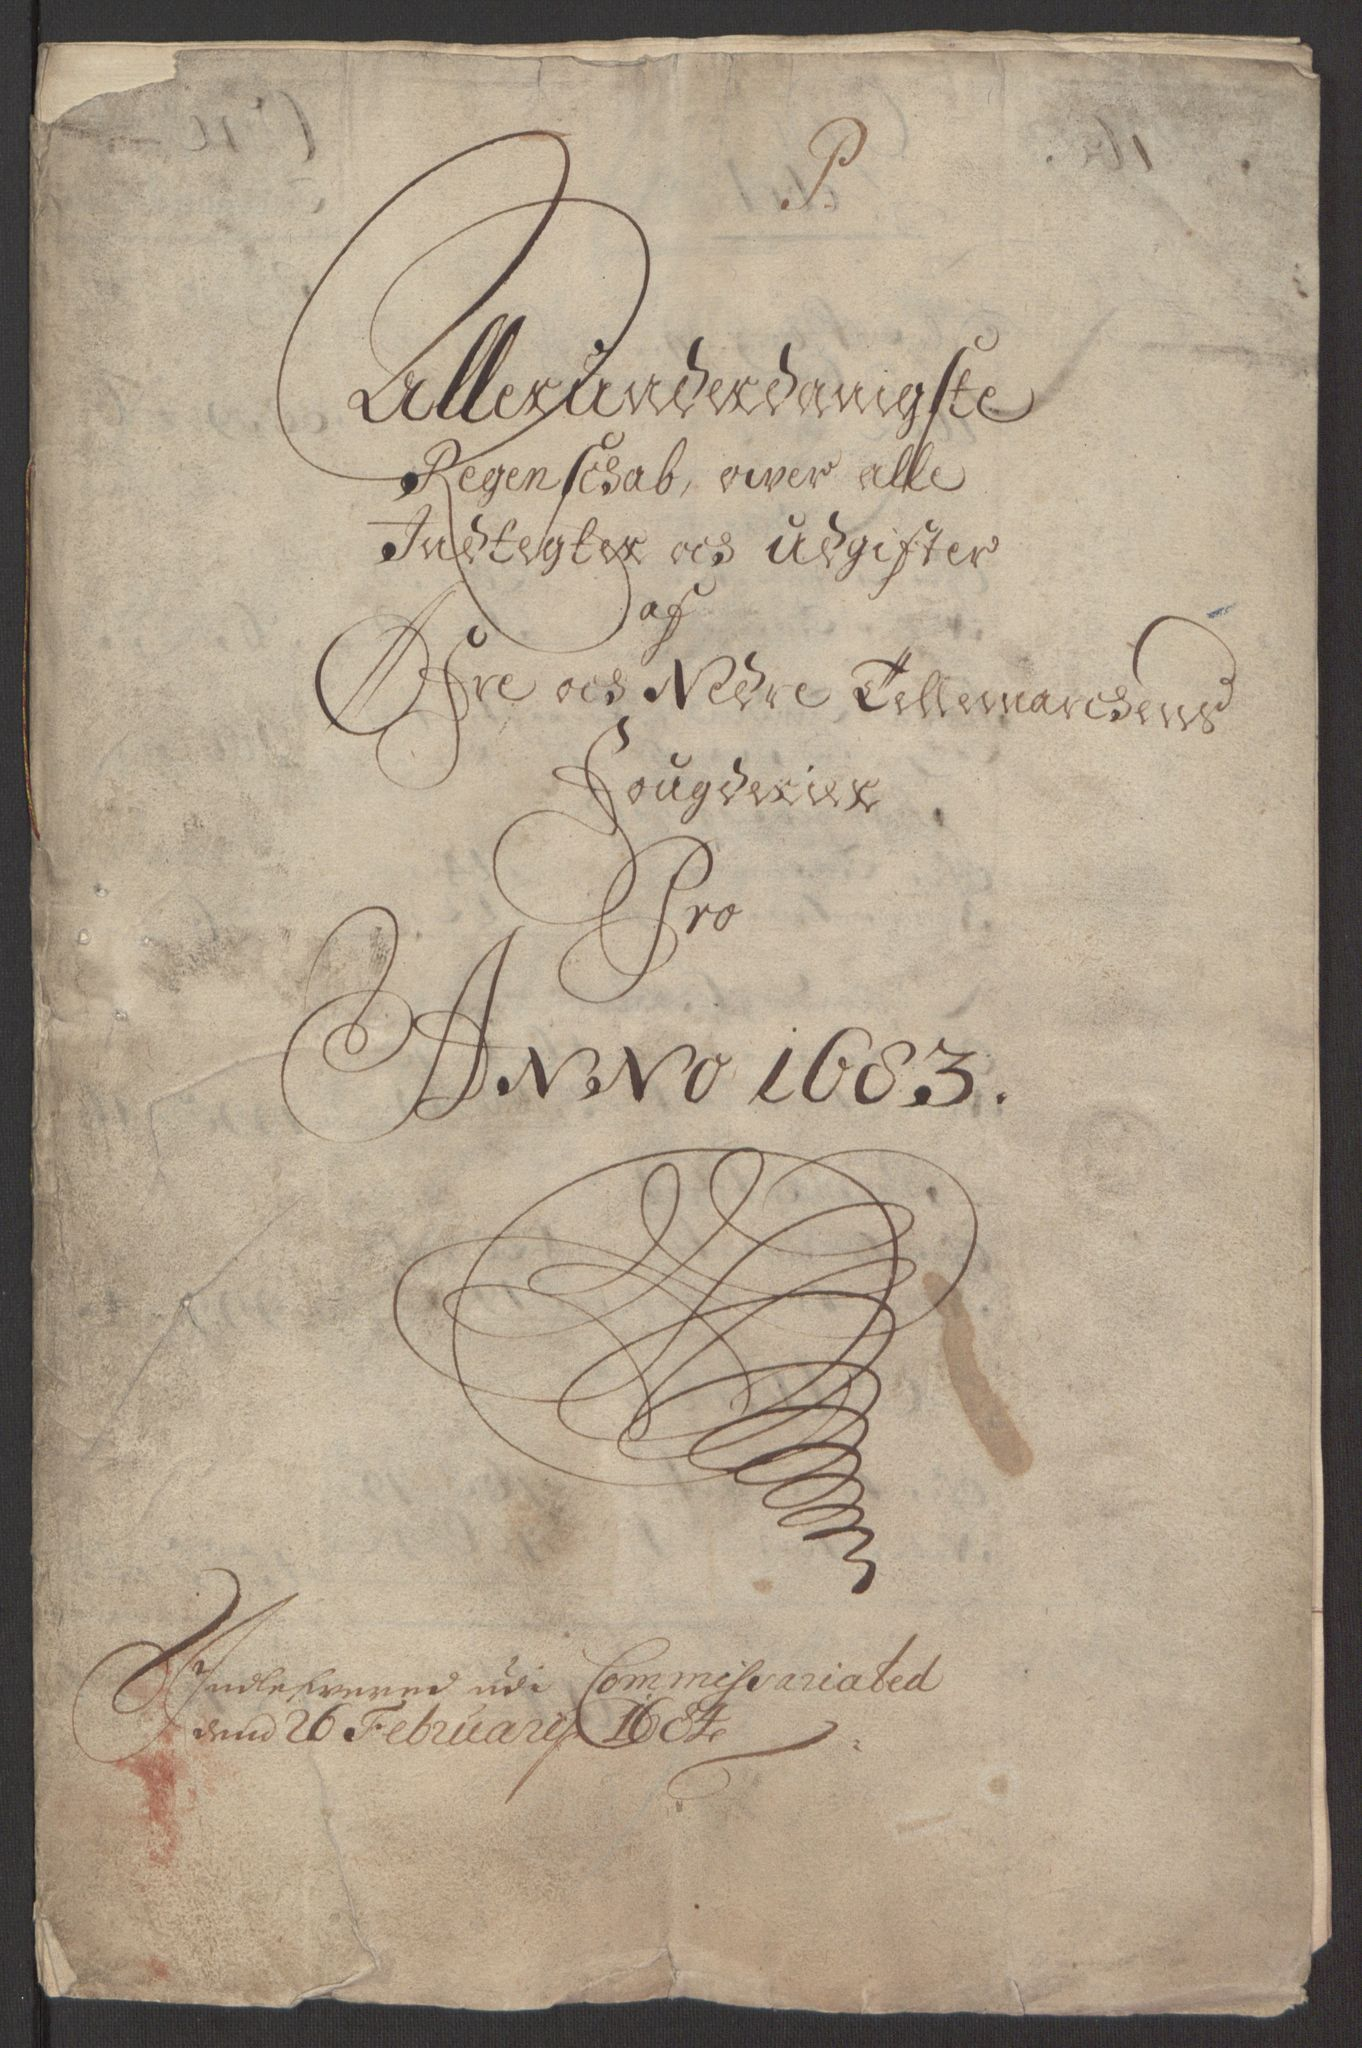 RA, Rentekammeret inntil 1814, Reviderte regnskaper, Fogderegnskap, R35/L2080: Fogderegnskap Øvre og Nedre Telemark, 1680-1684, s. 3